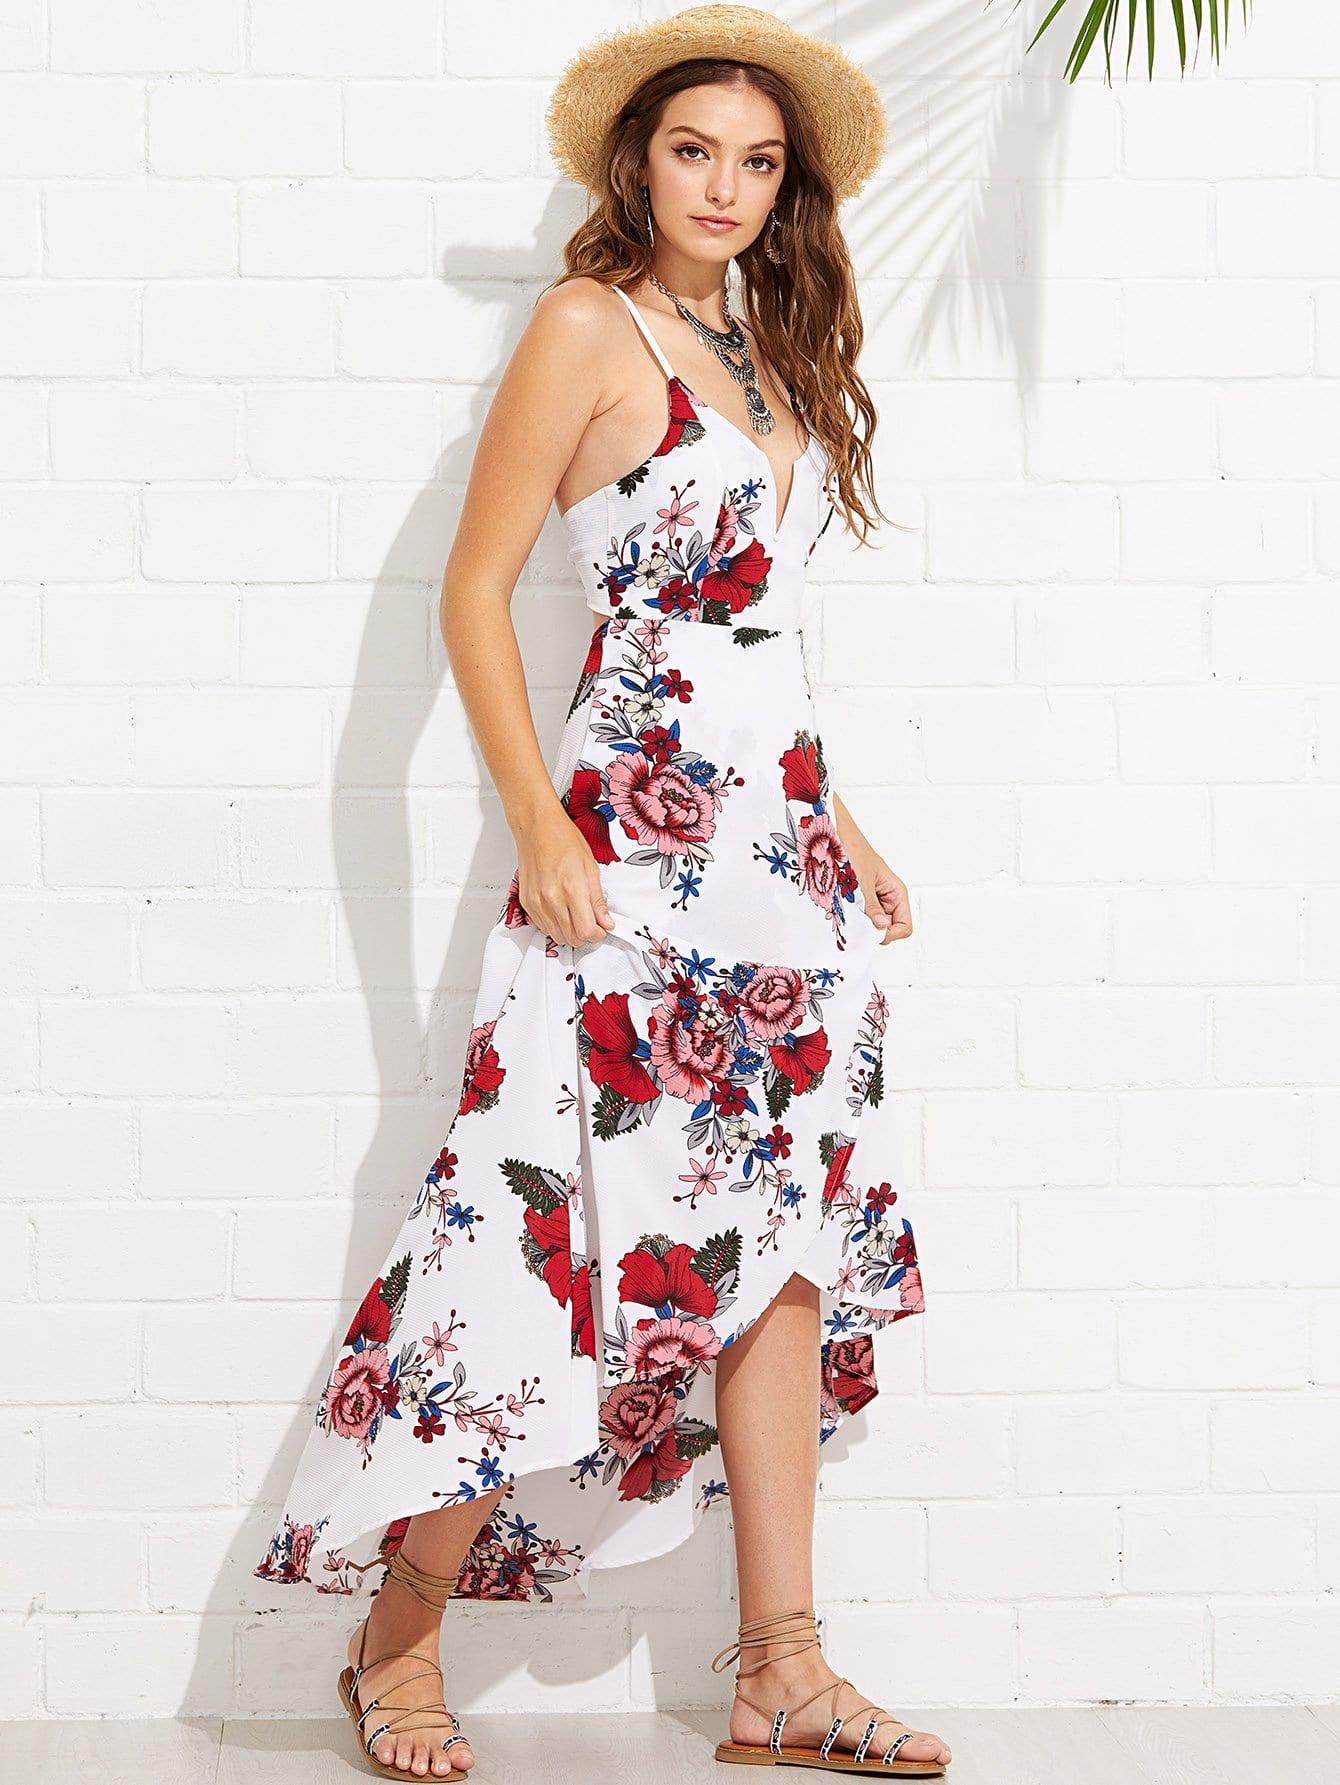 Купить Погружающаяся шея Крисскросс Шея Асимметричное цветочное платье Ками, Luiza, SheIn